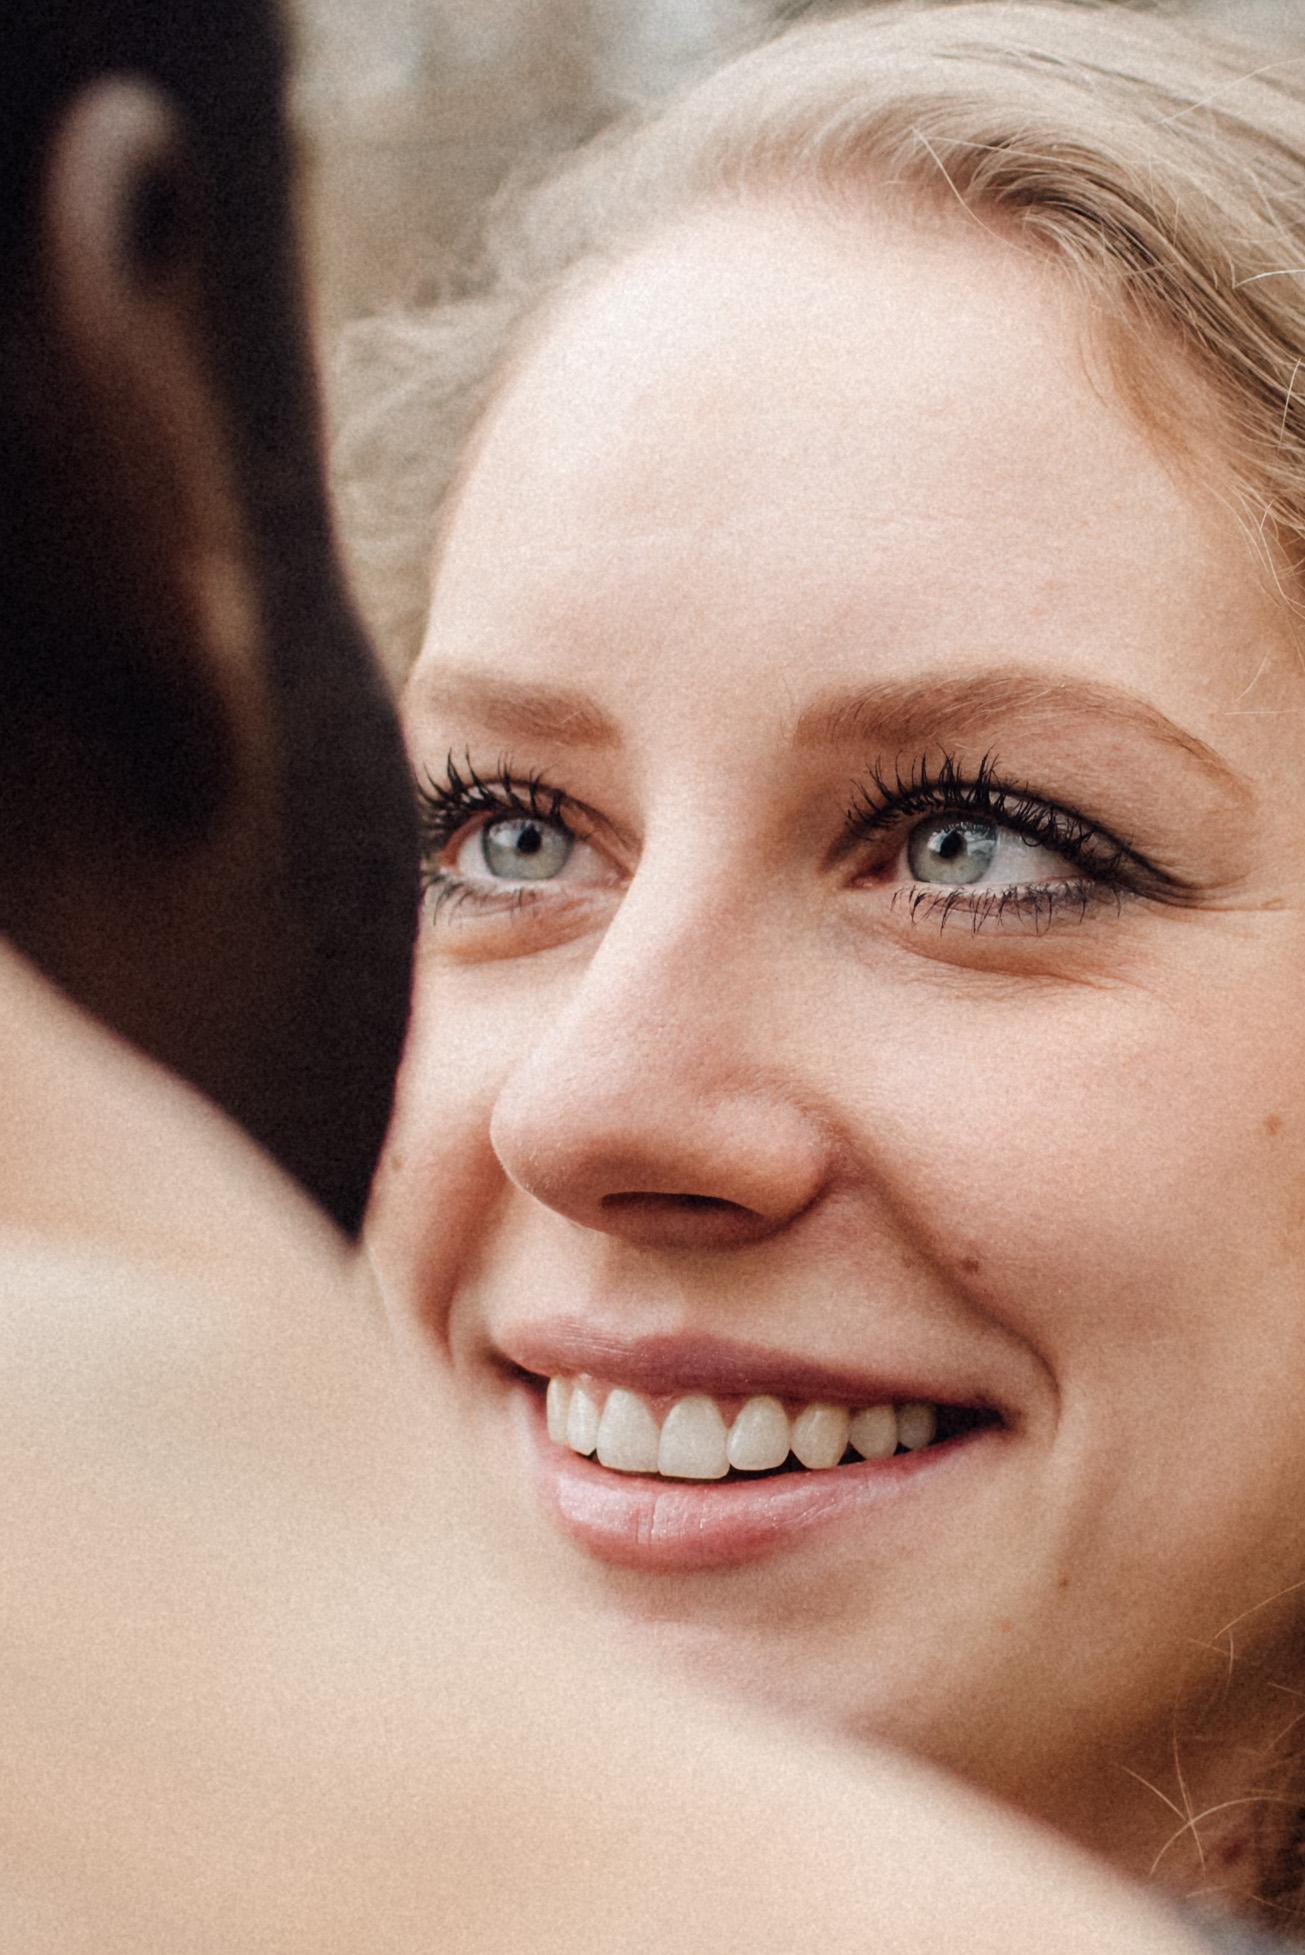 Der verliebte Blick mit blauen Augen